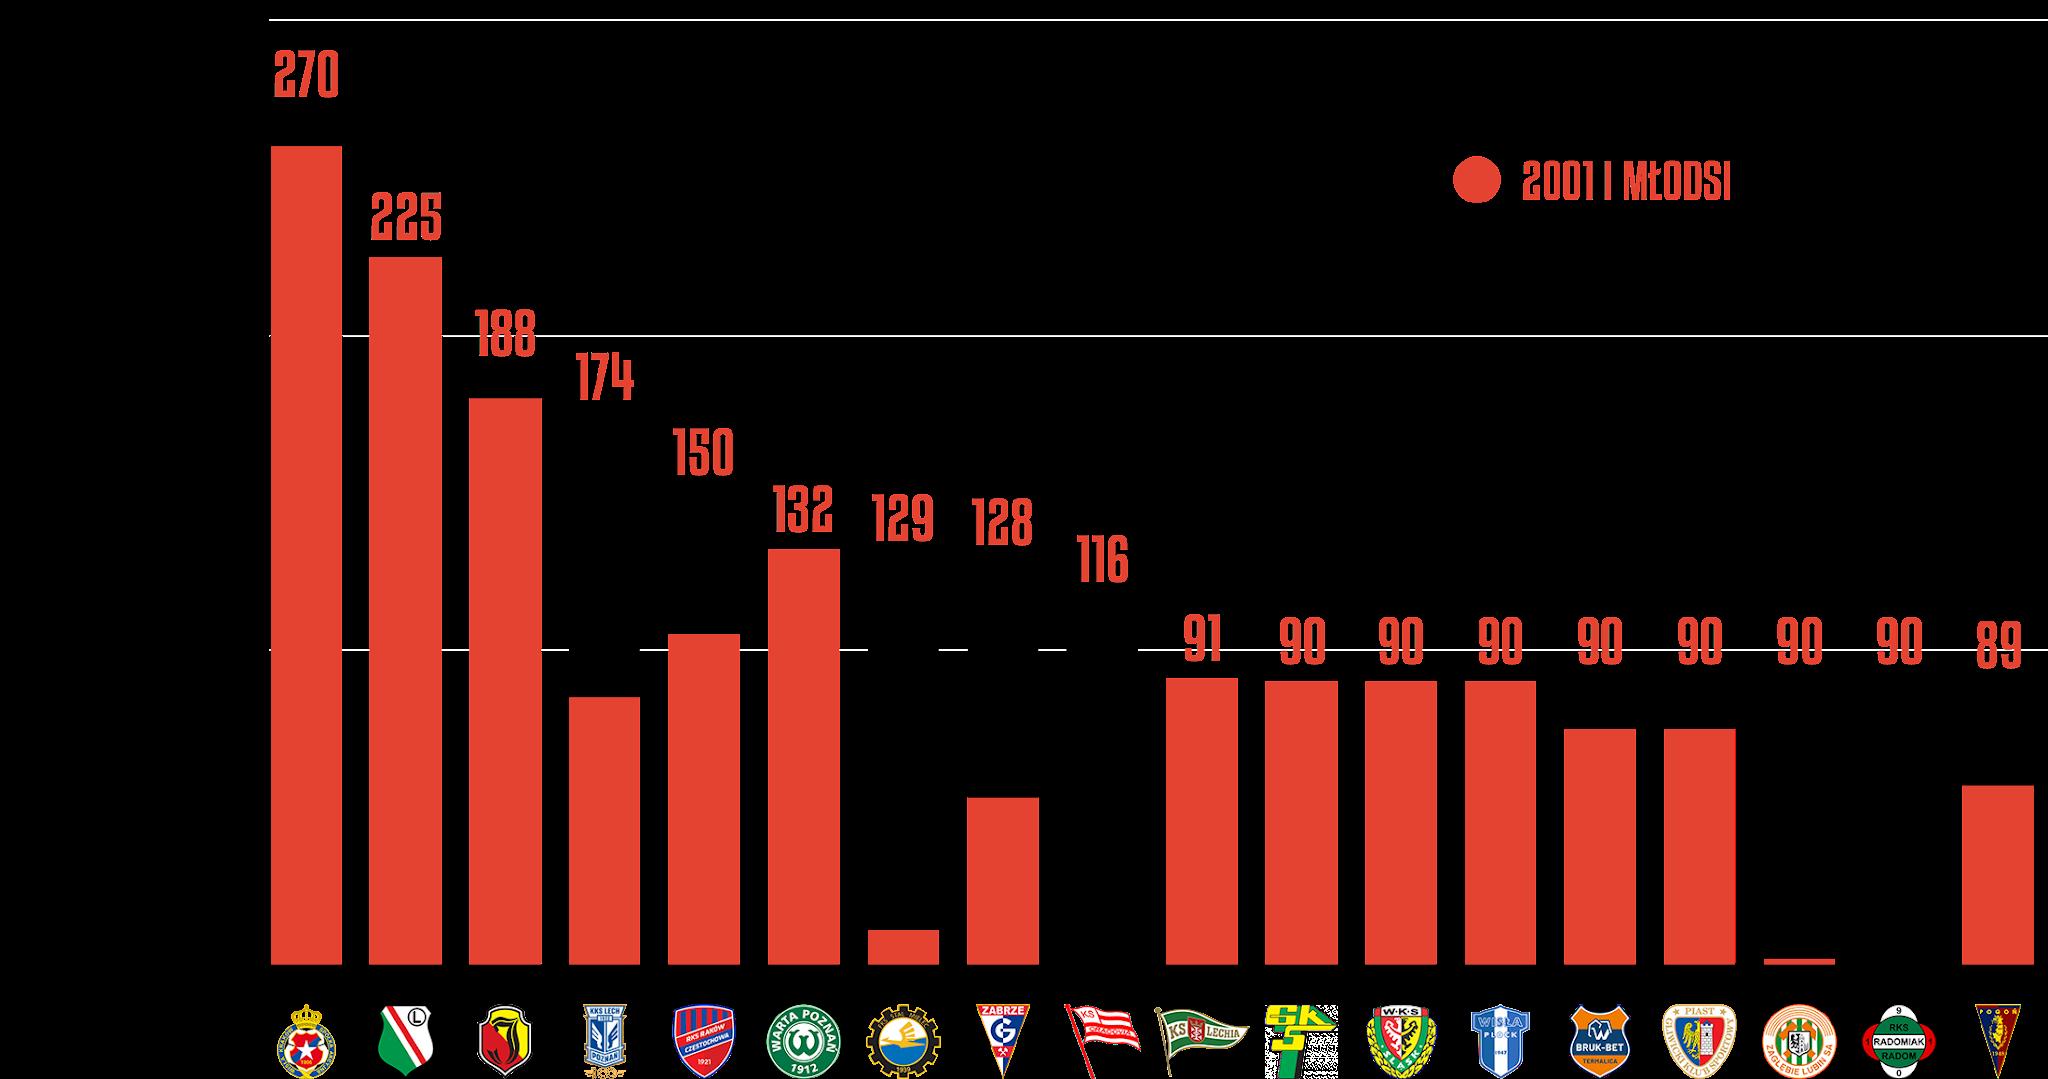 Klasyfikacja klubów pod względem rozegranego czasu przez młodzieżowców w2.kolejce PKO Ekstraklasy<br><br>Źródło: Opracowanie własne na podstawie ekstrastats.pl<br><br>graf. Bartosz Urban